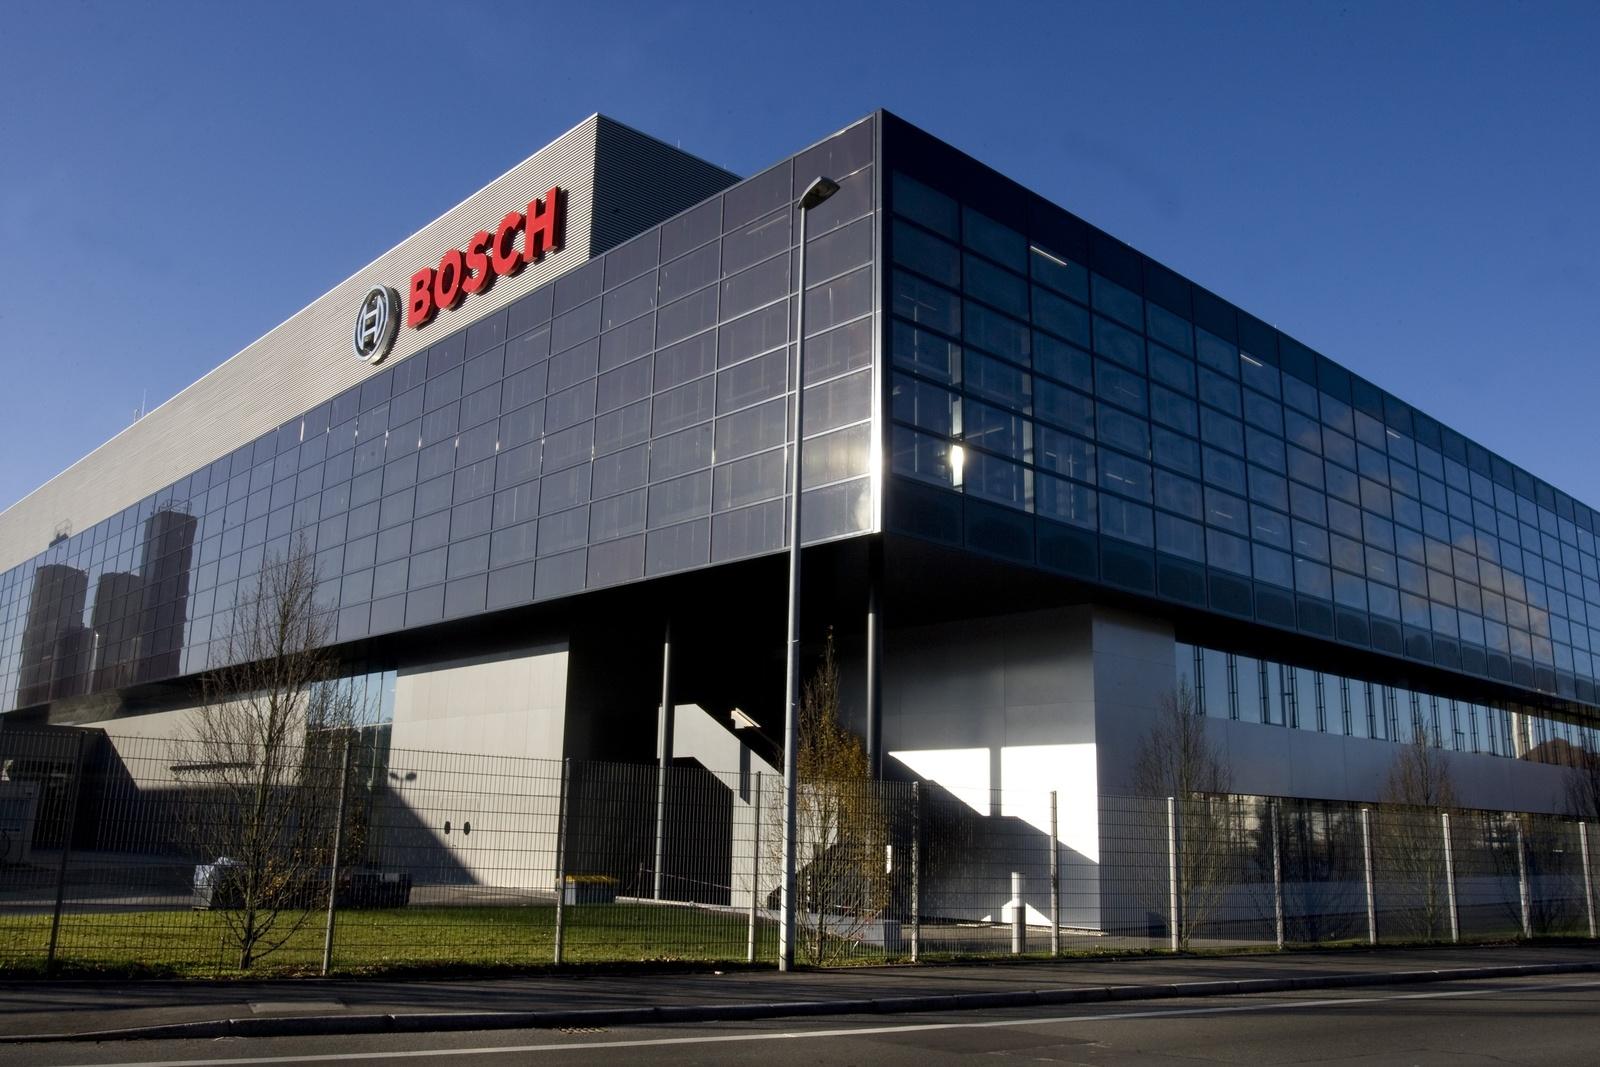 Im Halbleiterwerk in Reutlingen werden seit 1971 Halbleiter gefertigt. Das Werk beteiligt sich jetzt aktiv am internationalen Forschungsprojekt 5G-SMART mit dem Ziel, das Potenzial des neuen Kommunikationsstandards in realen Produktionsumgebungen zu erproben.